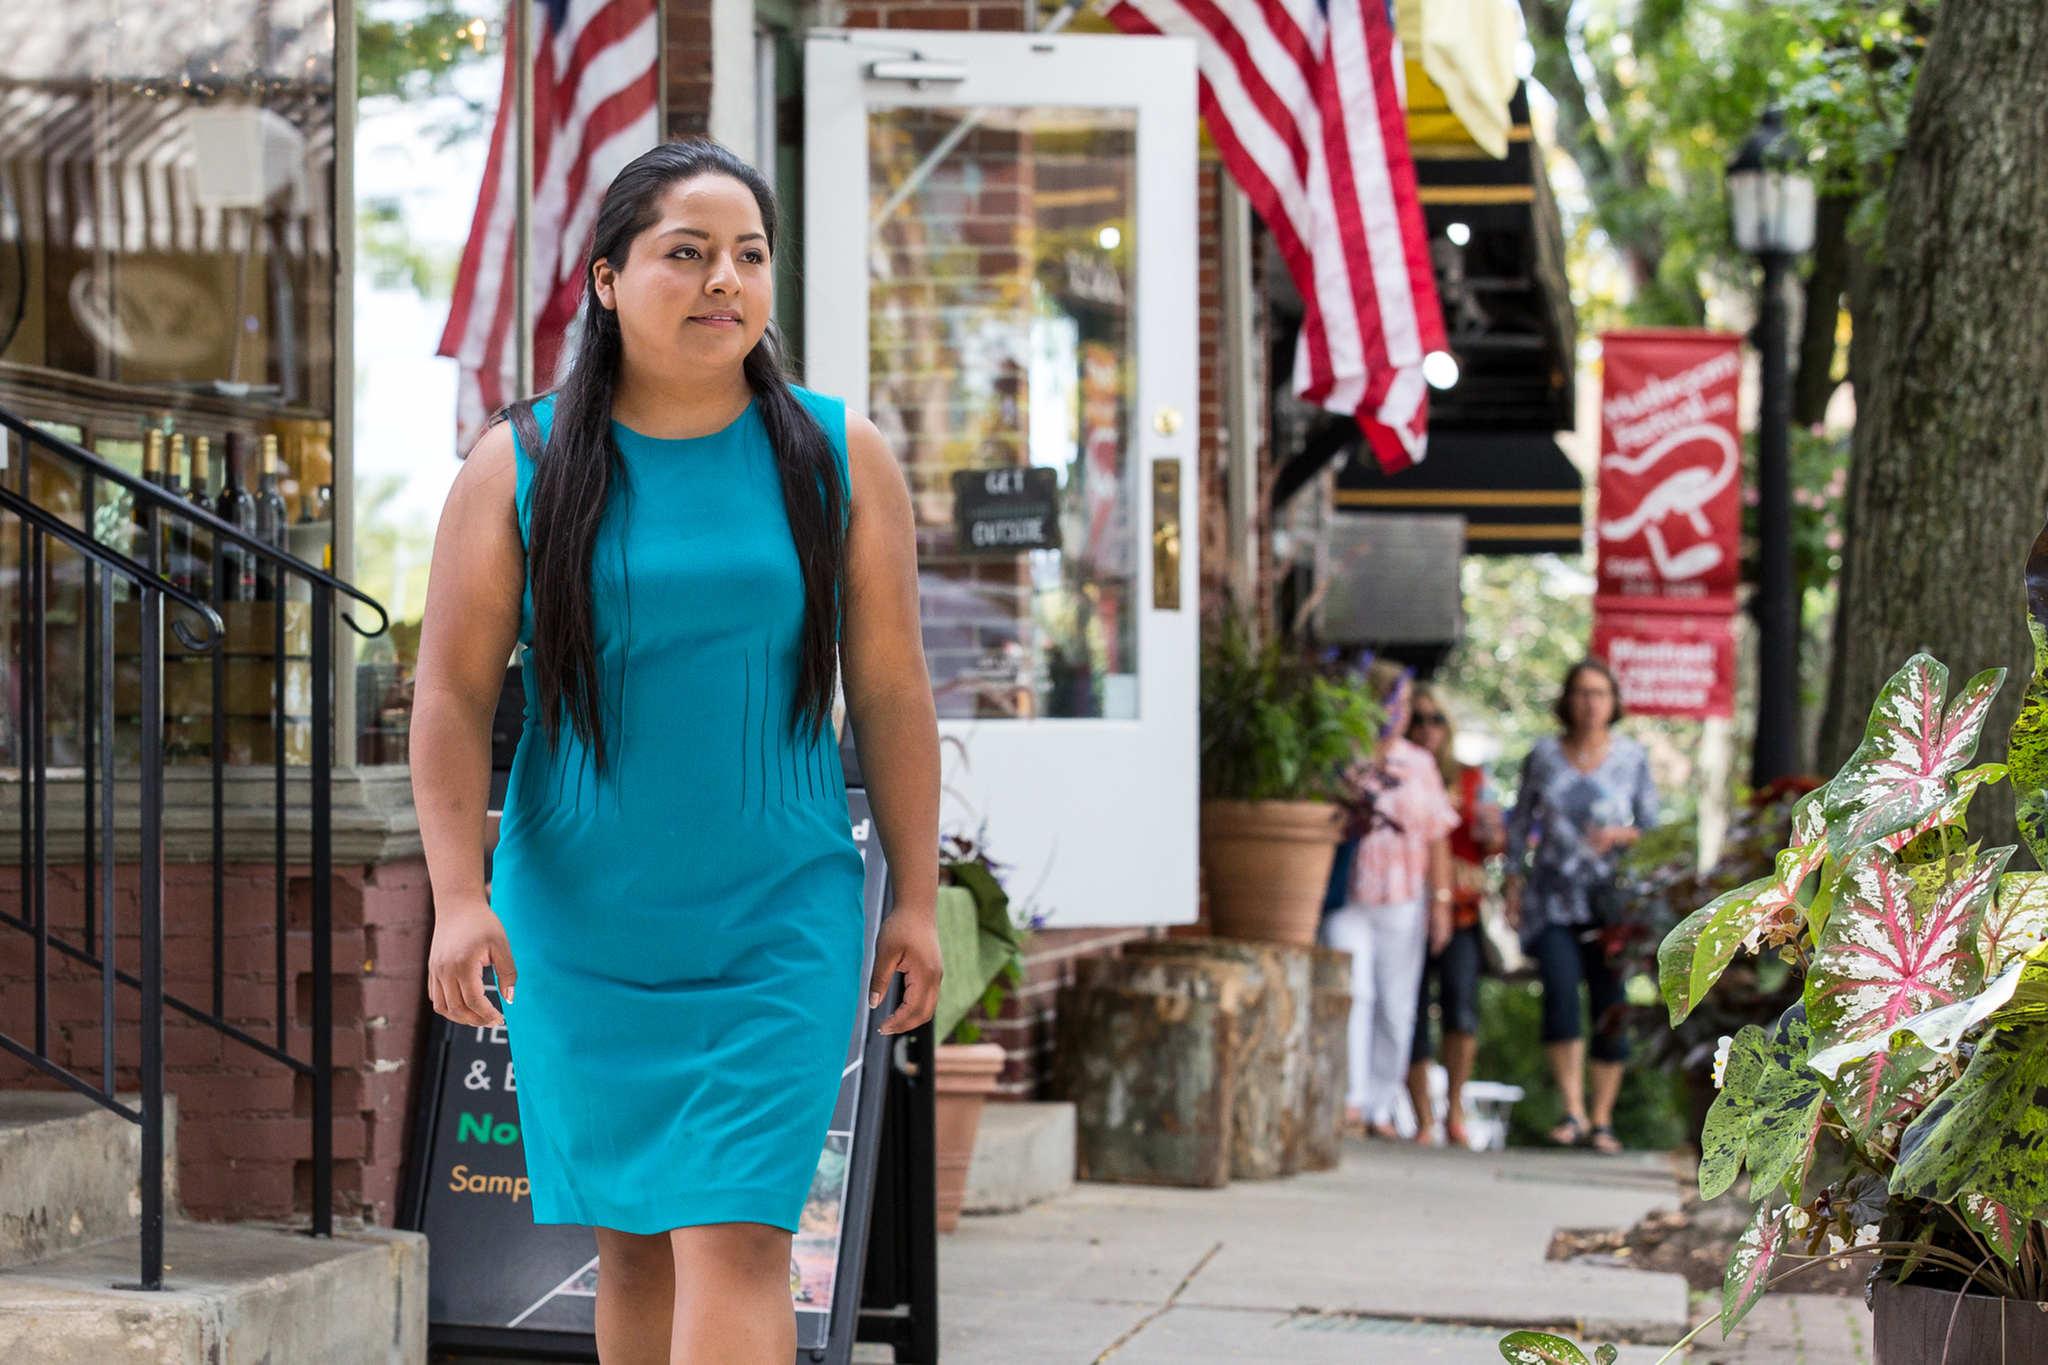 Anel Medina walks down the main street of her hometown, Kennett Square on Friday, September 8, 2017.